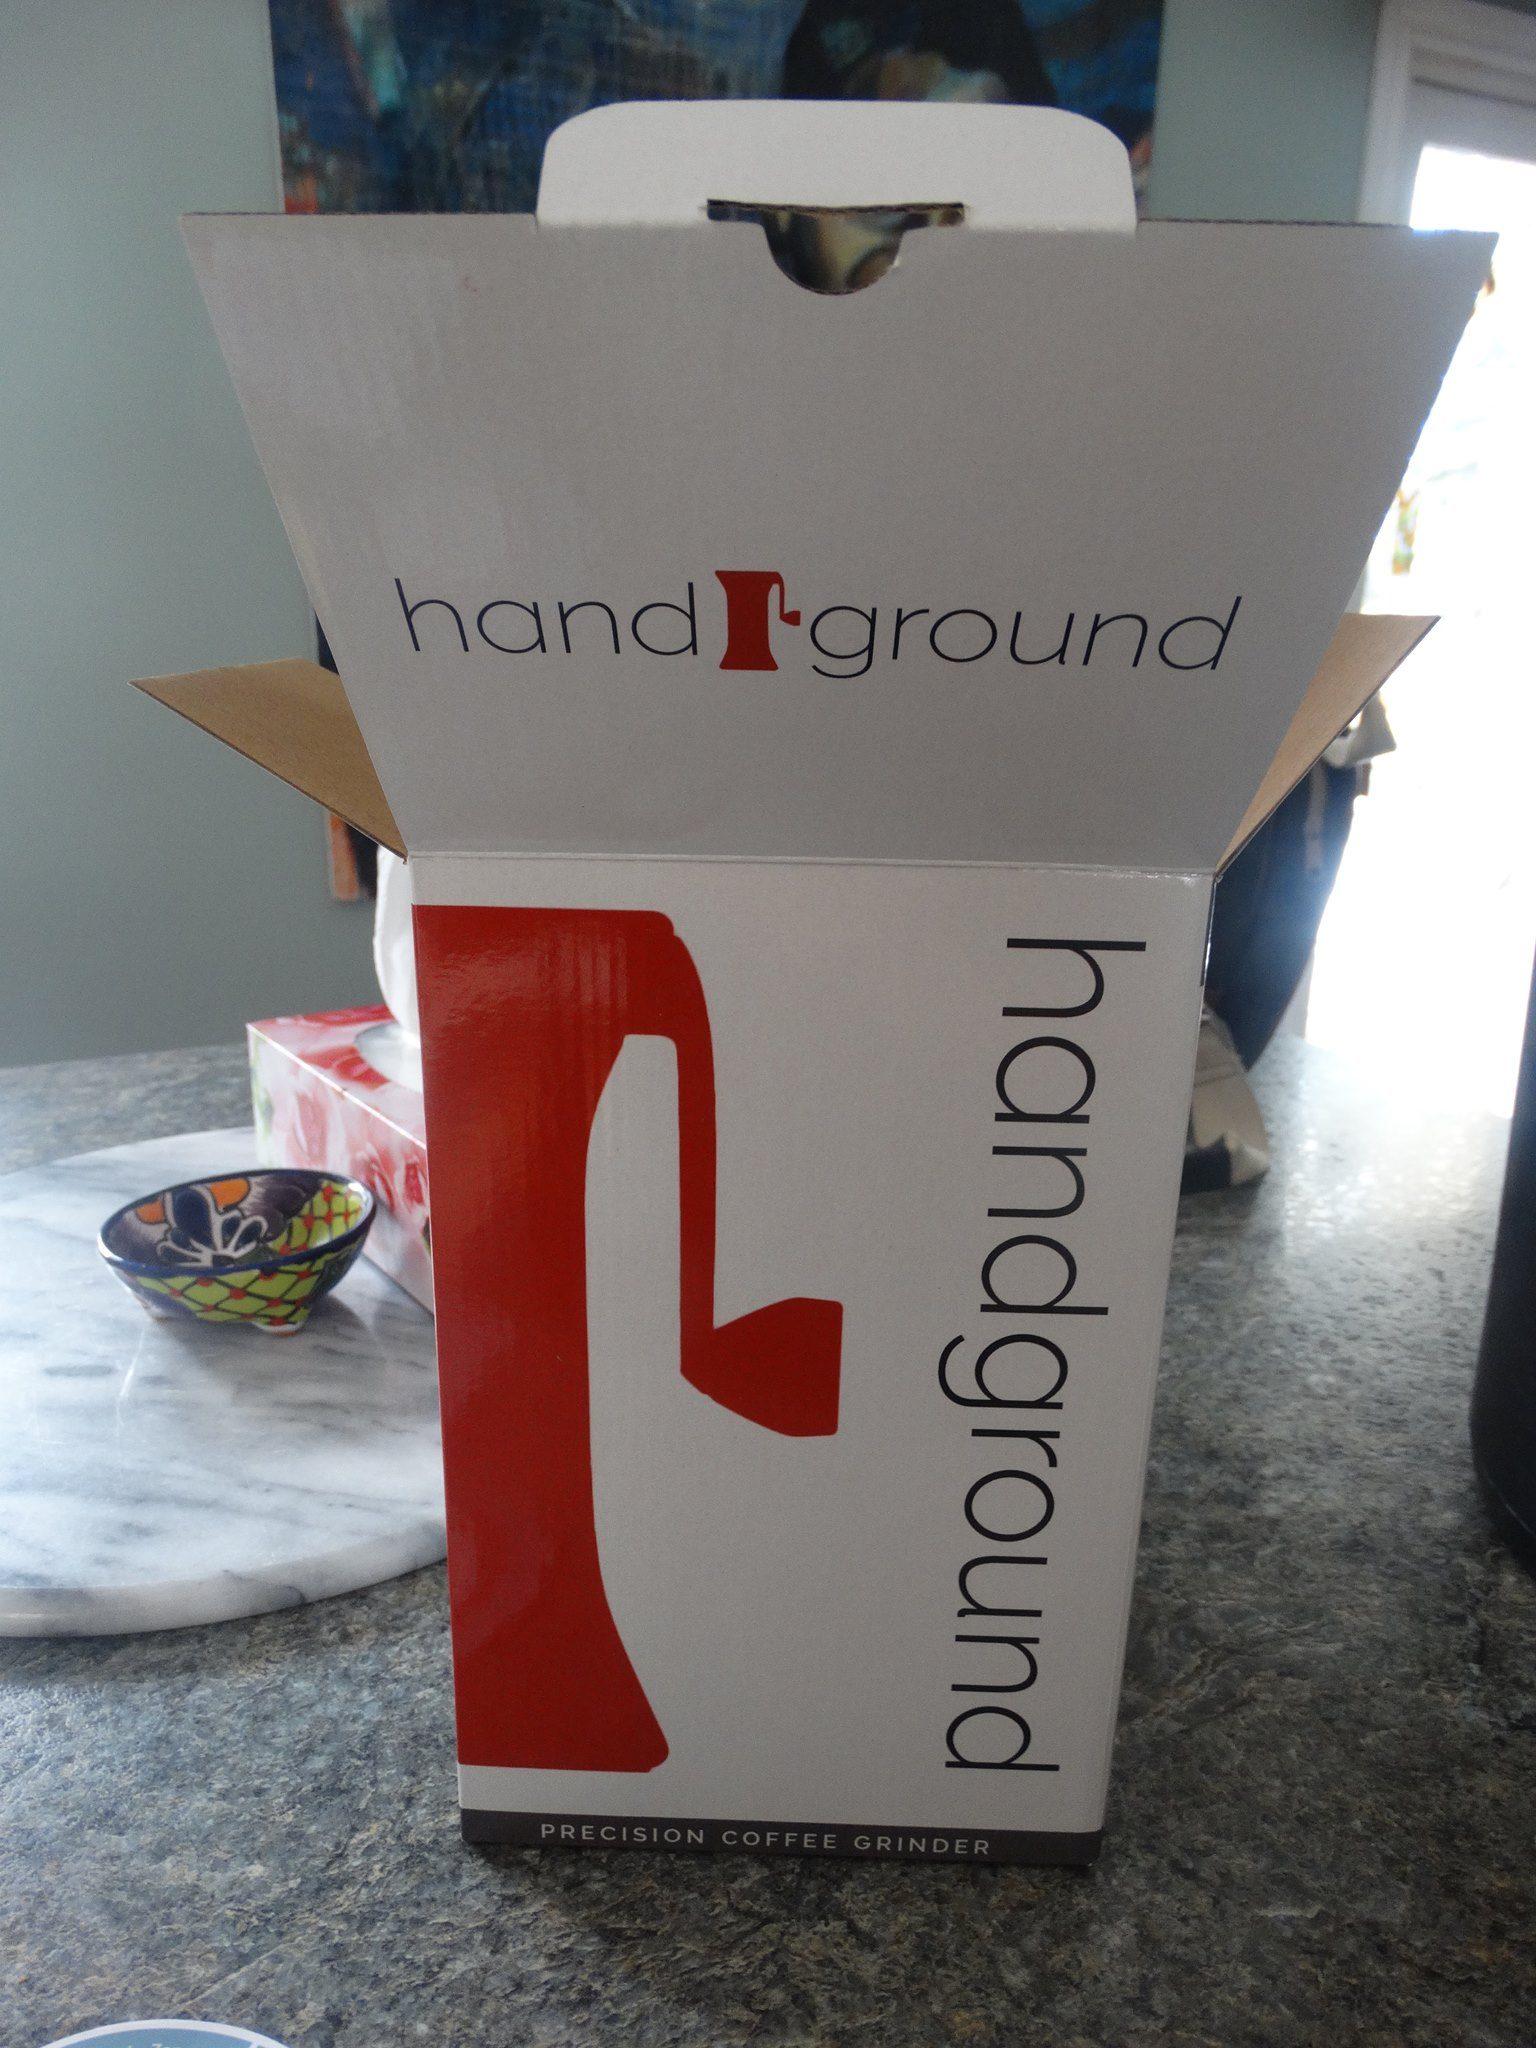 handground grinder packaging